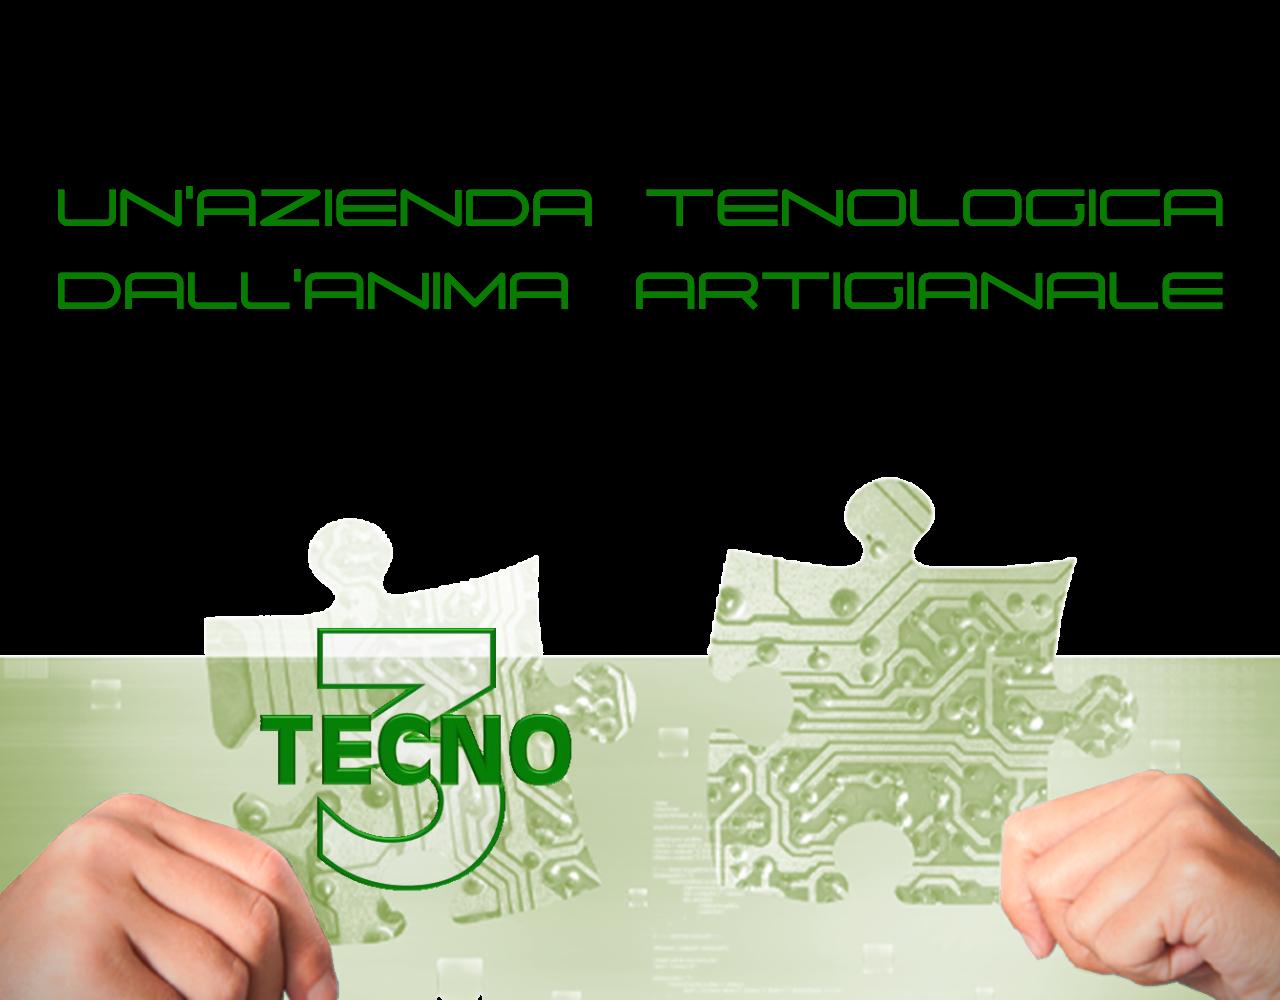 Tecno3: stampanti multifunzione, informatica, punto cassa, soluzioni visual, monitor professionali, scuola 3.0, PON FESR e PNSD, assistenza tecnica